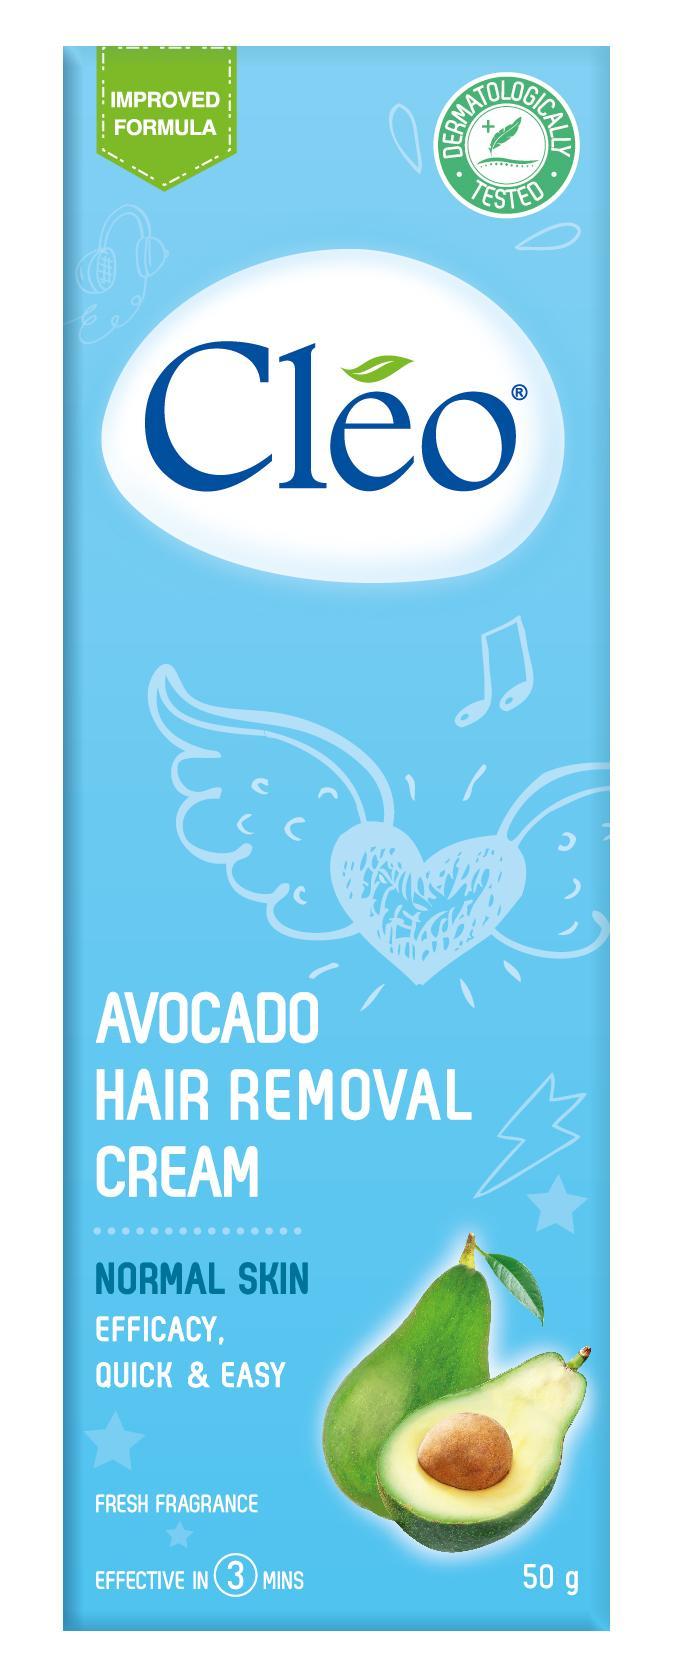 Hình ảnh Kem Tẩy Lông Cho Da Thường Cleo 50g Avocado Hair Removal Cream Normal Skin